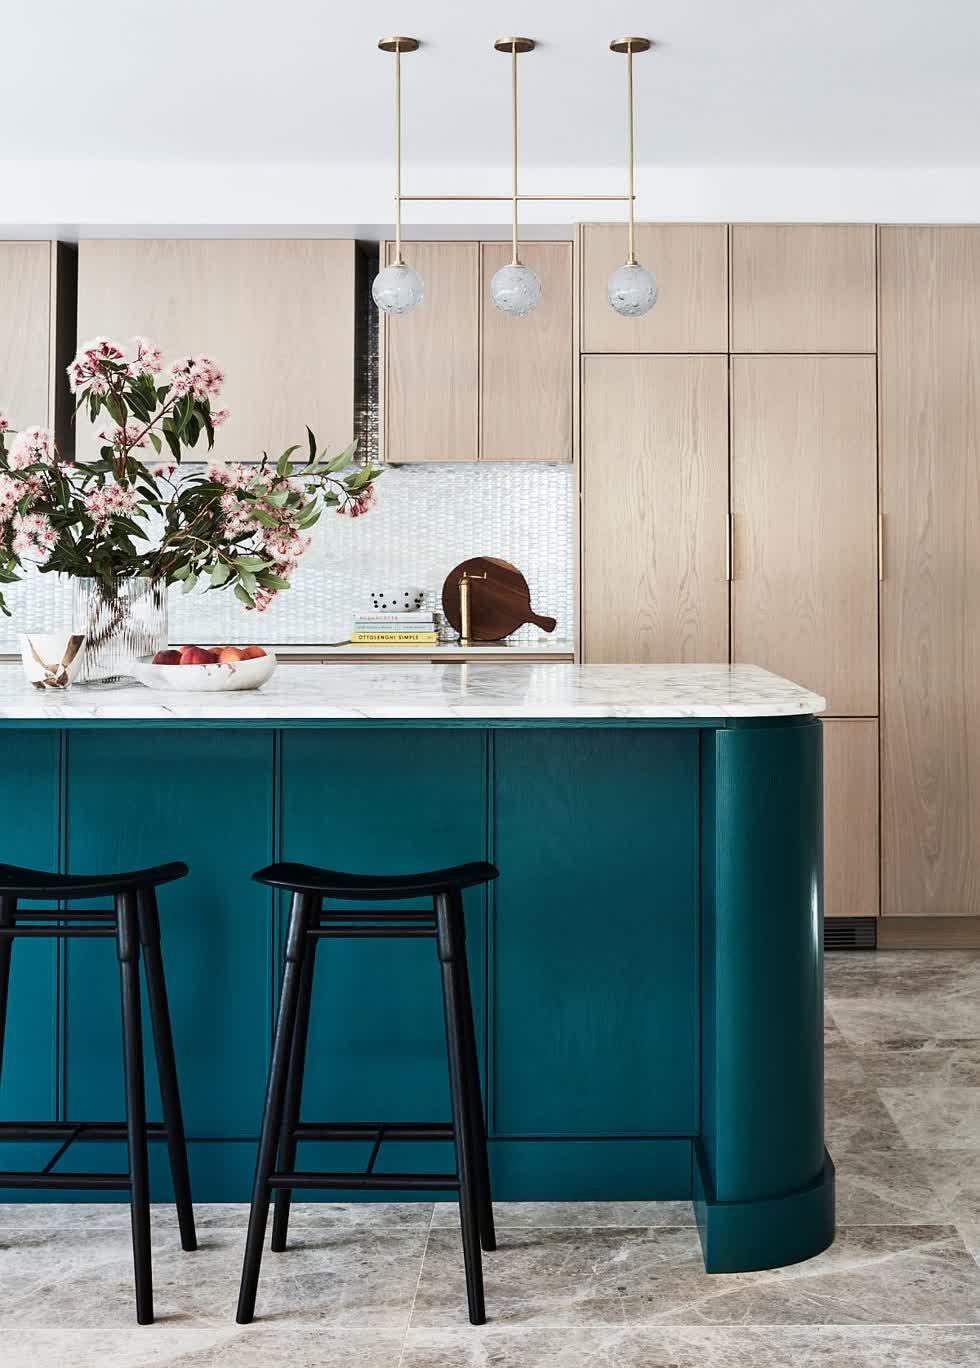 Ý tưởng cho căn bếp mang màu sắc và gam màu trung tính trắng và xám.